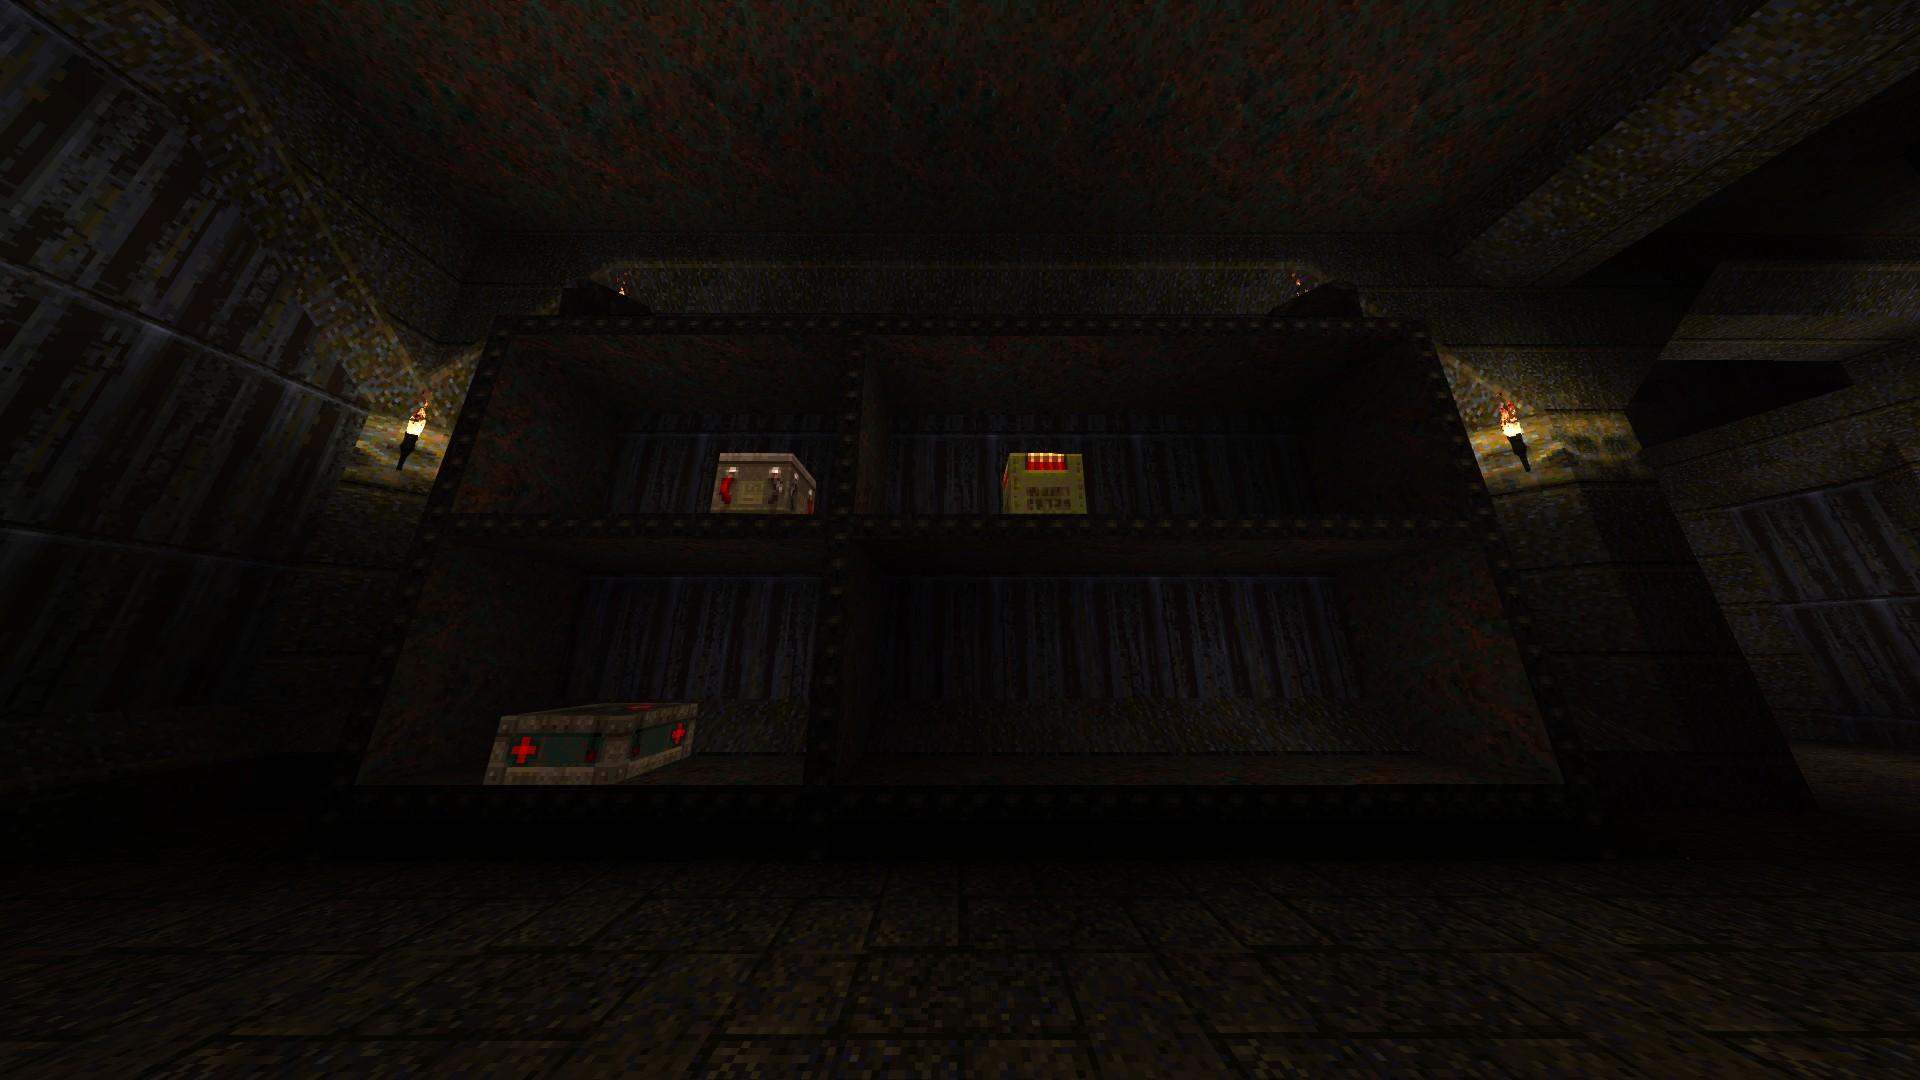 Quake - Locations of All Secrets in Game Tips - E2: Dominion of Darkness - Part II - 2F824E9